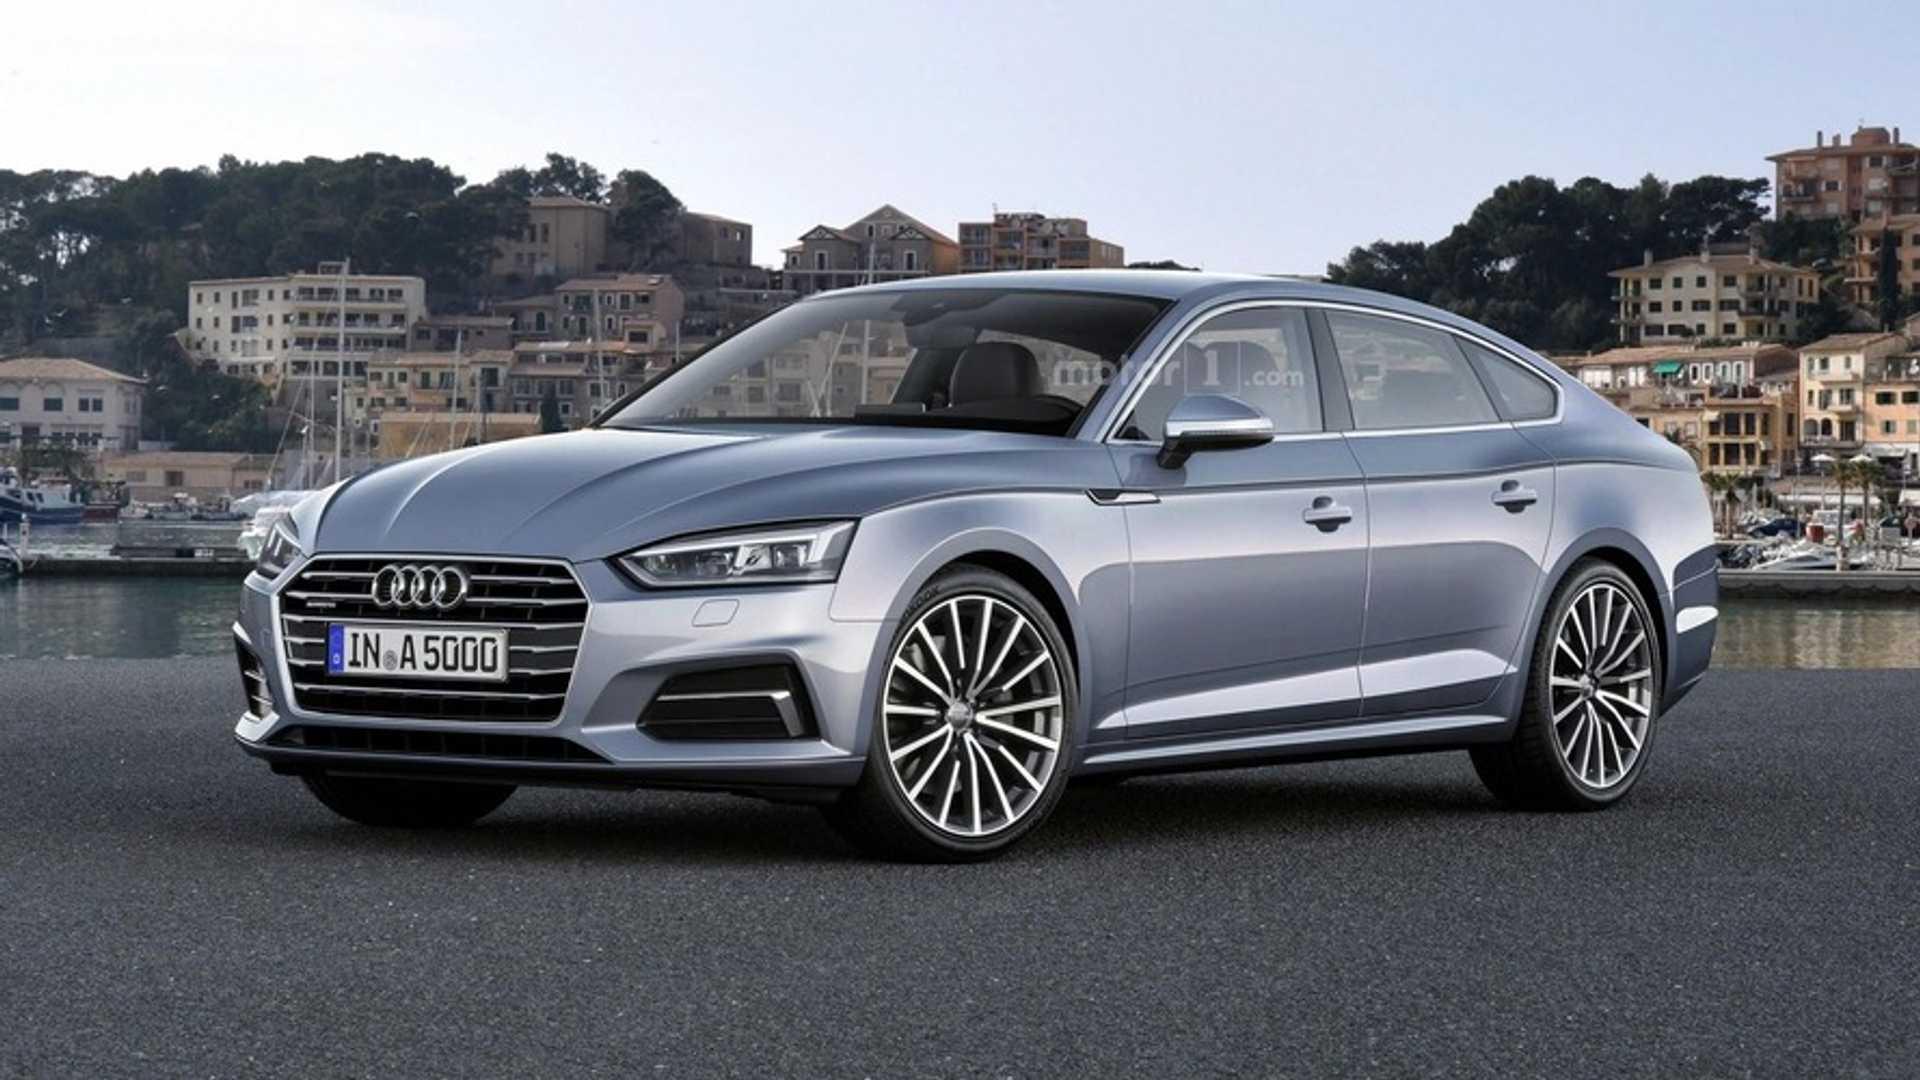 Audi A5 Sportback Première étude De Style